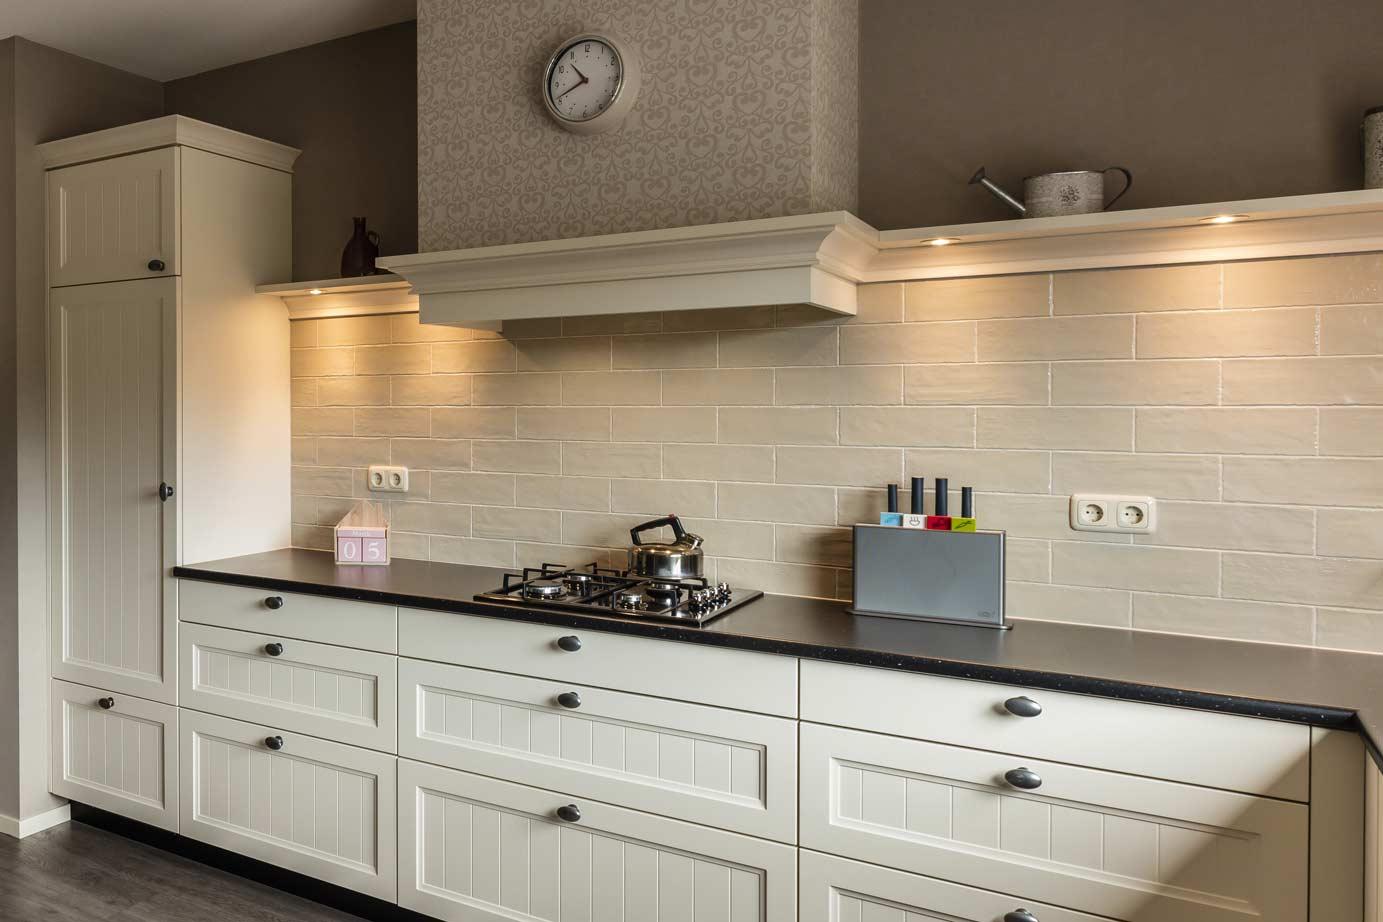 Wandtegels voor de badkamer en keuken DB Keukens